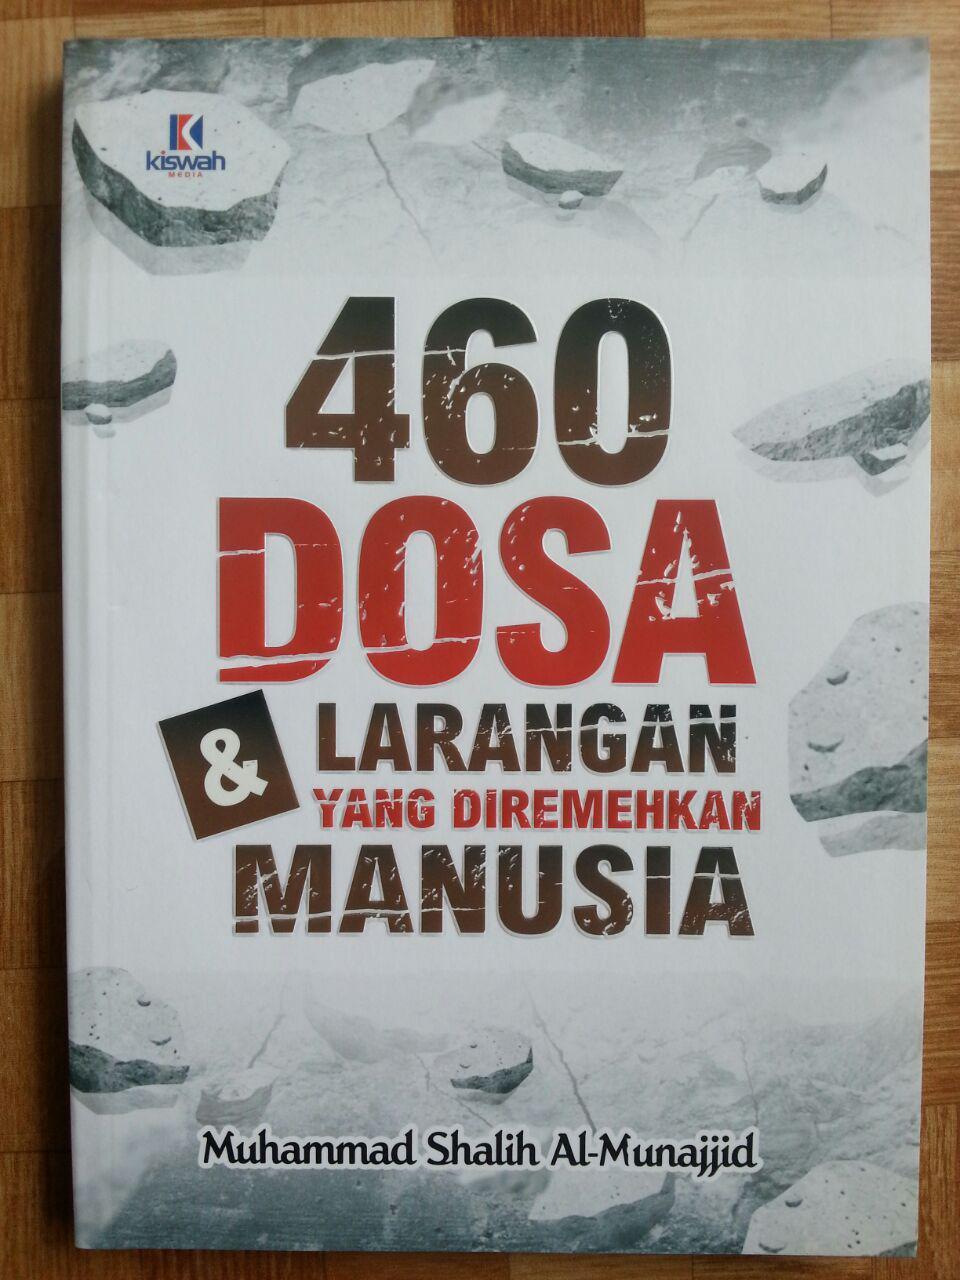 Buku Dosa Dosa Yang Diremehkan Manusia Ensiklopedi 460 Dosa & Larangan cover 2